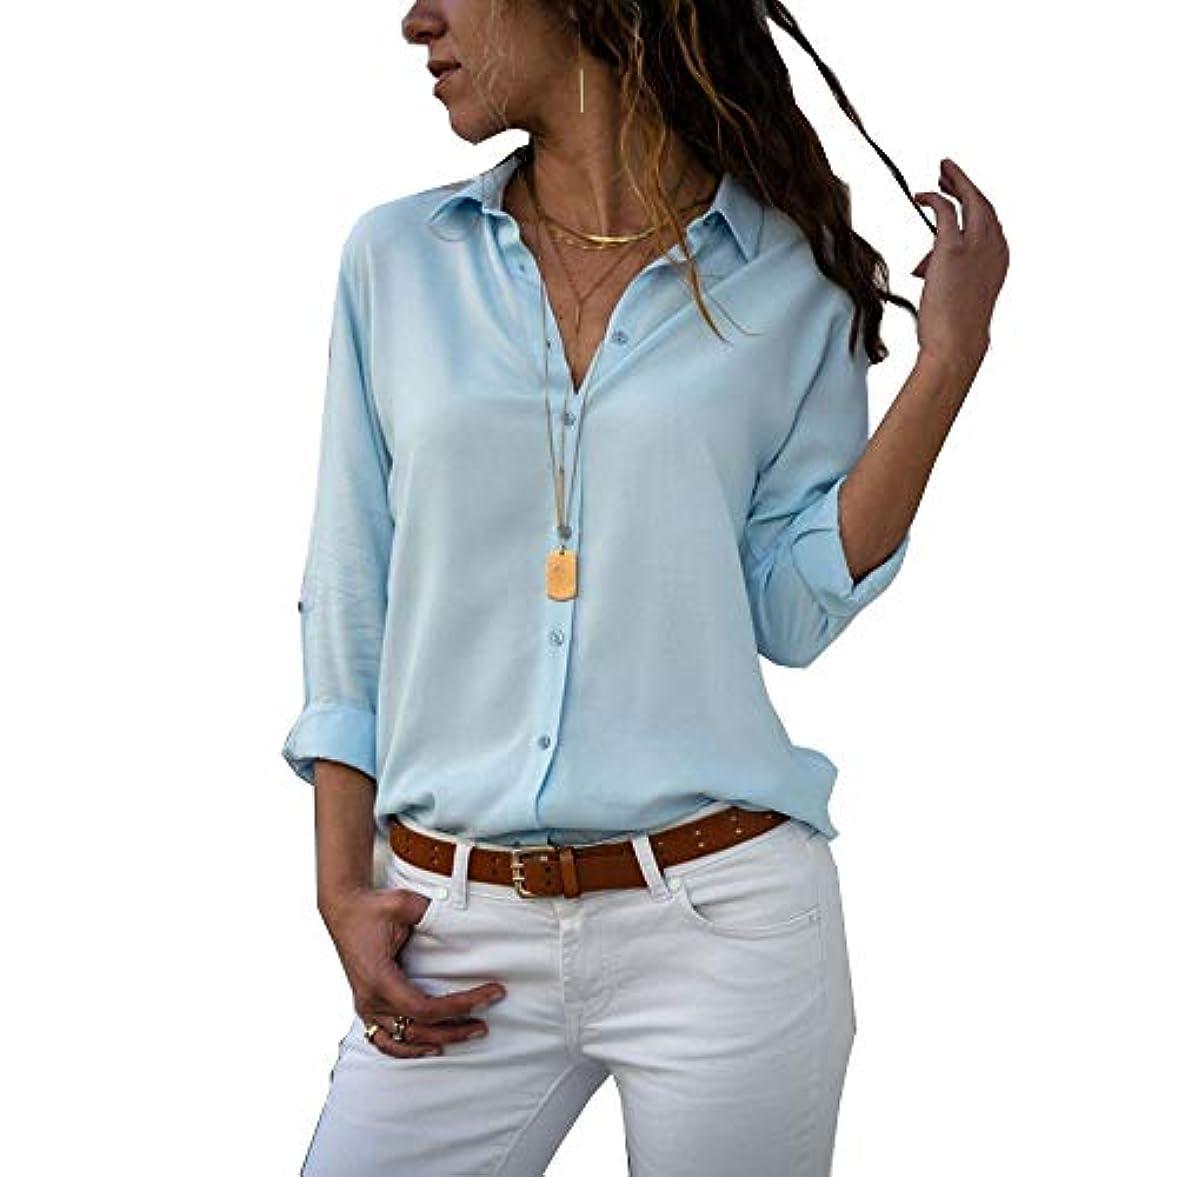 ようこそ先史時代のフラフープMIFAN ルーズシャツ、トップス&Tシャツ、プラスサイズ、トップス&ブラウス、シフォンブラウス、女性トップス、シフォンシャツ